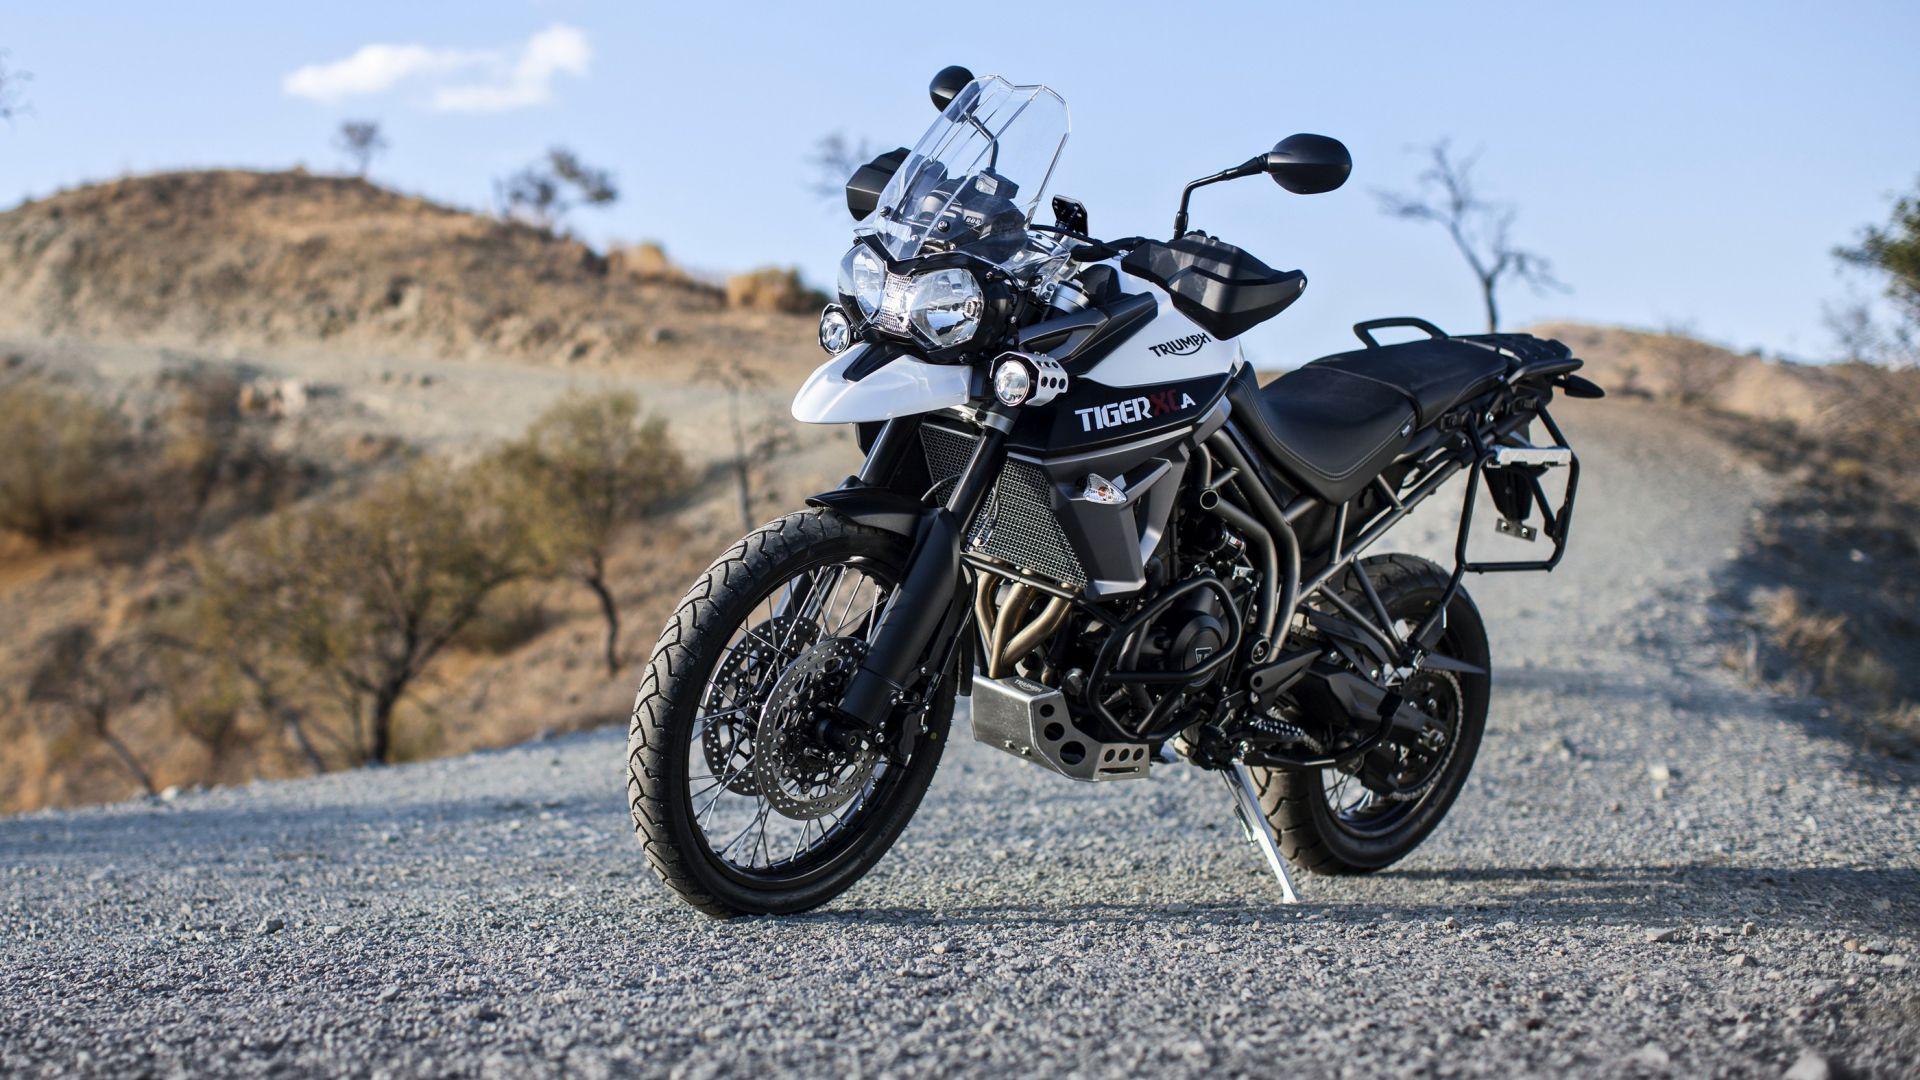 e4be8fb47 Novità moto  Triumph Tiger 800 XCA - MotorBox